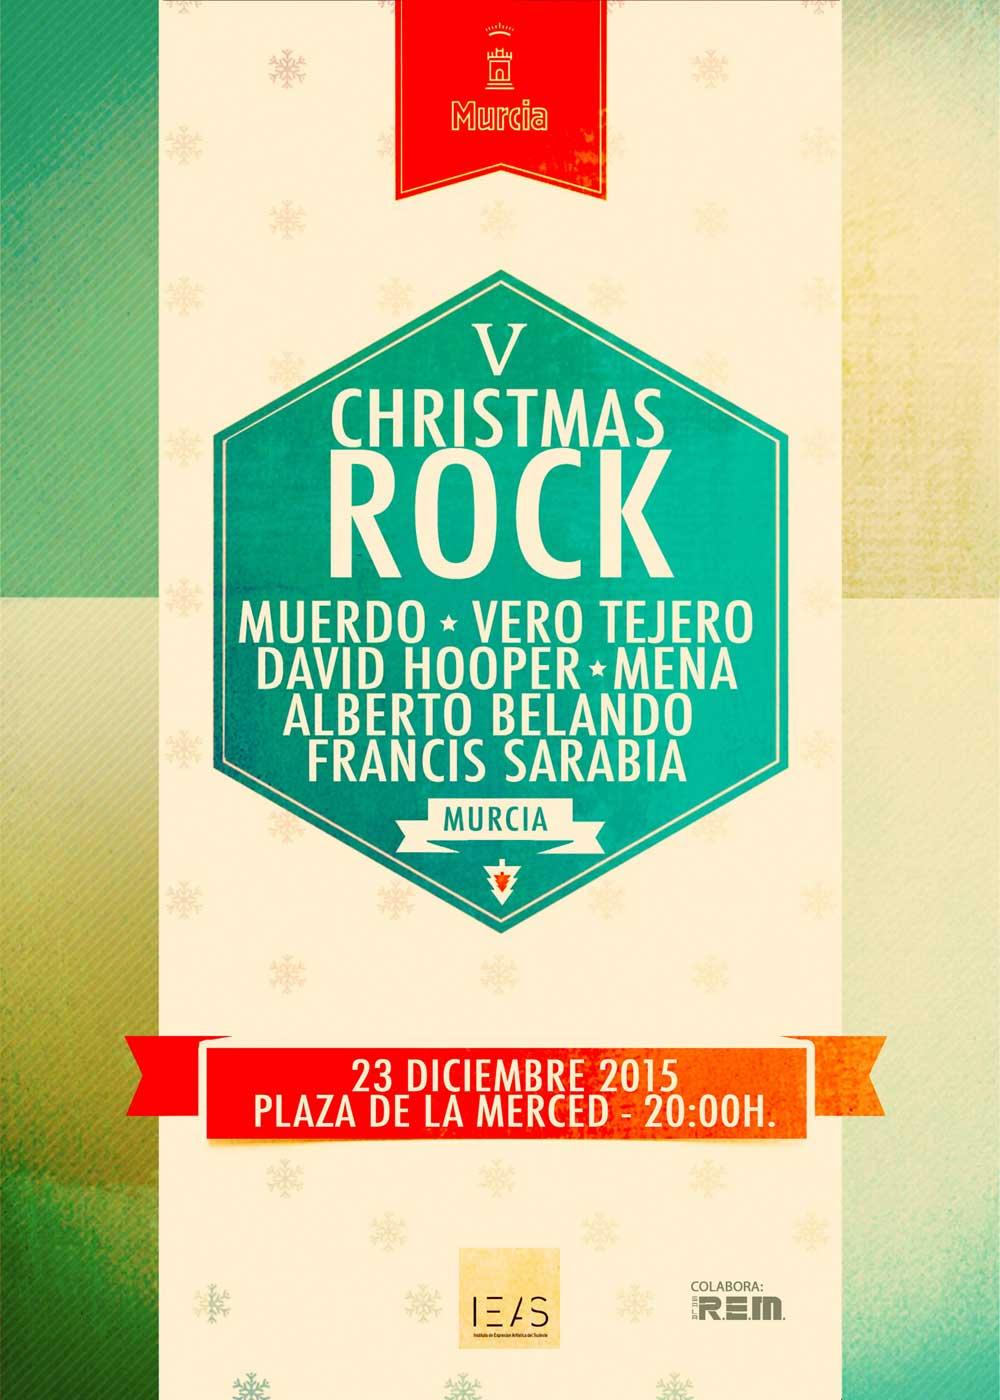 Christmas Rock celebra su V edición y desvela los nombres de los artistas que pondrán voz a la Navidad